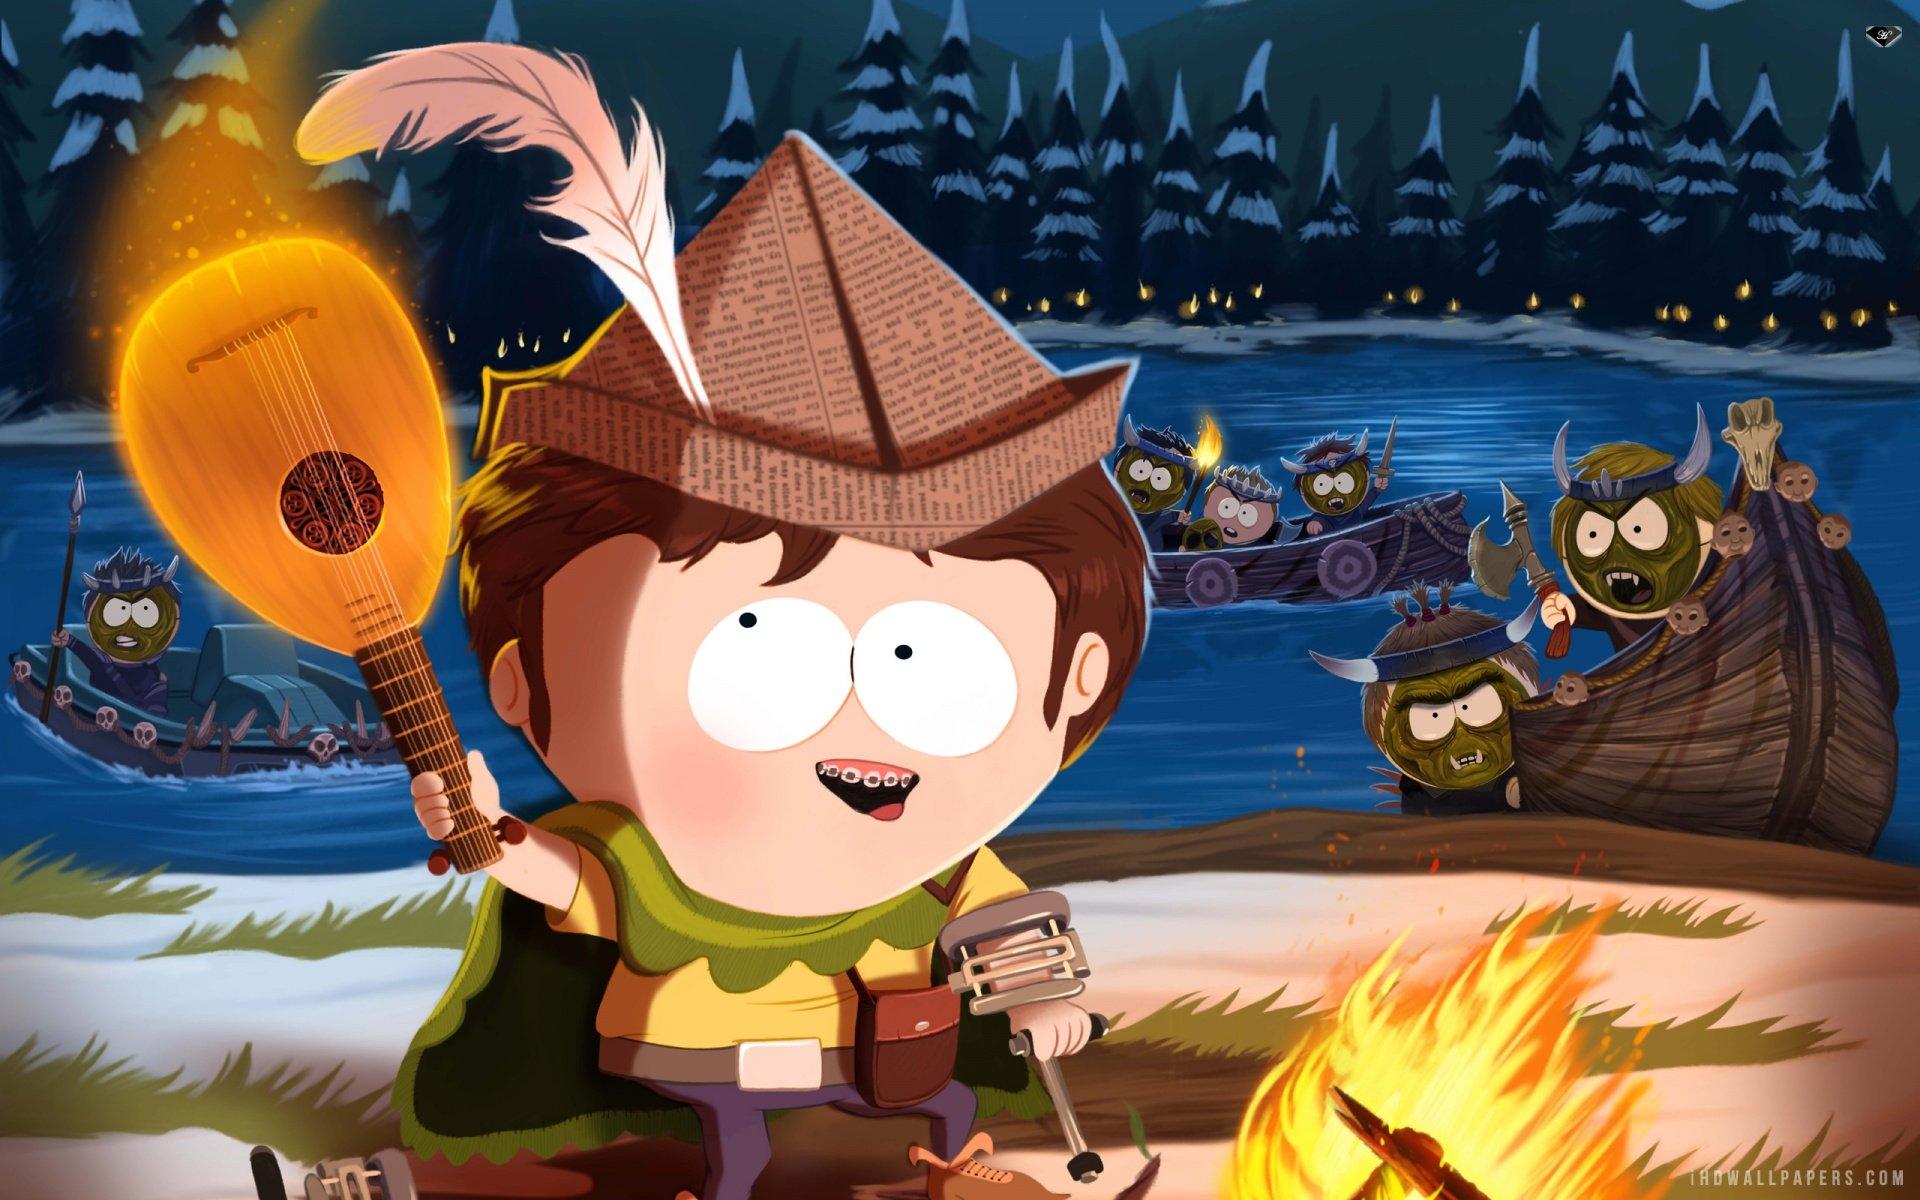 Подарочные промо-коды на скидку 20% для South Park: The Stick of Truth Узнать подробности можно тут. . - Изображение 1